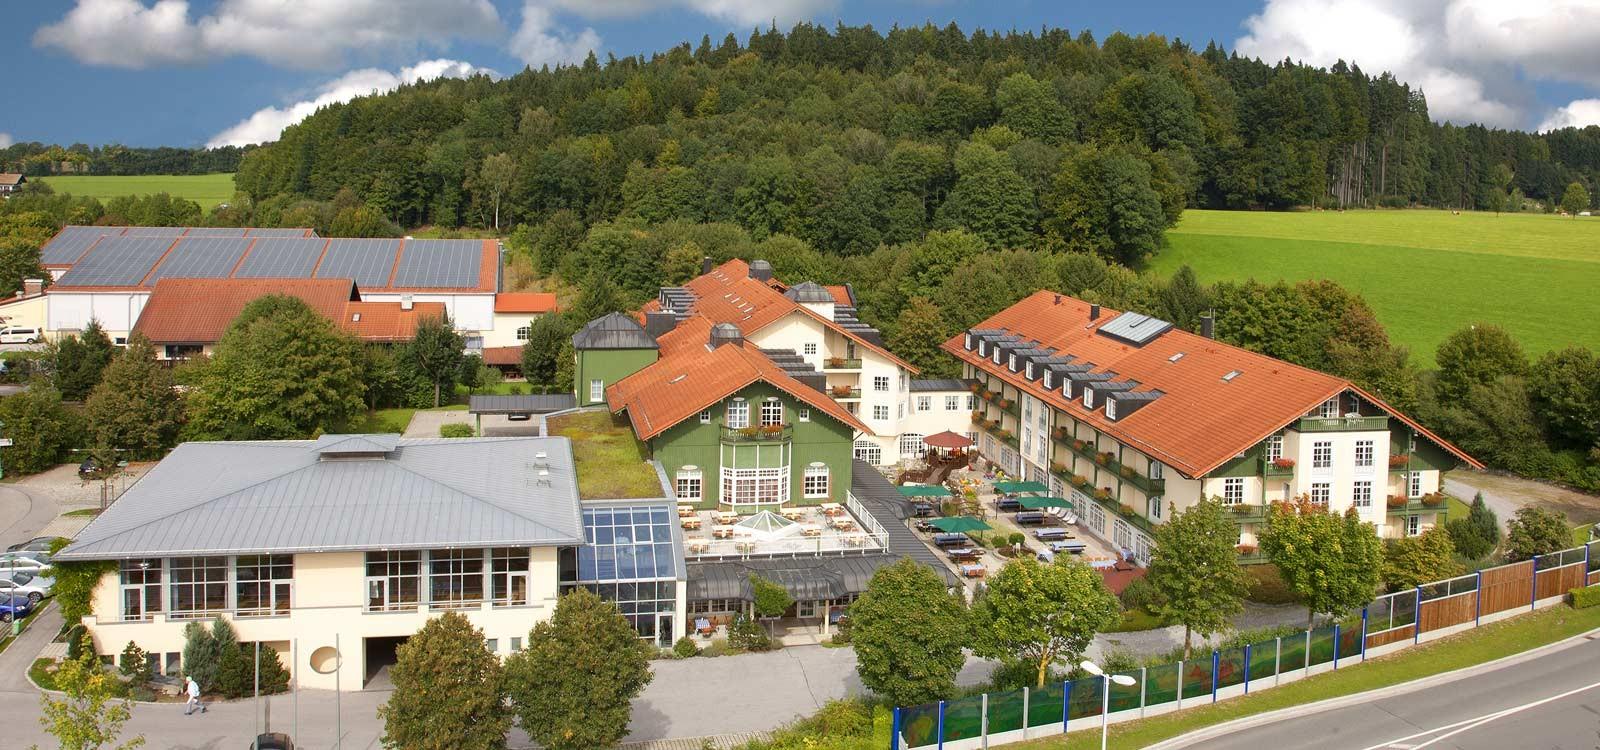 Bayerischer Hof von oben